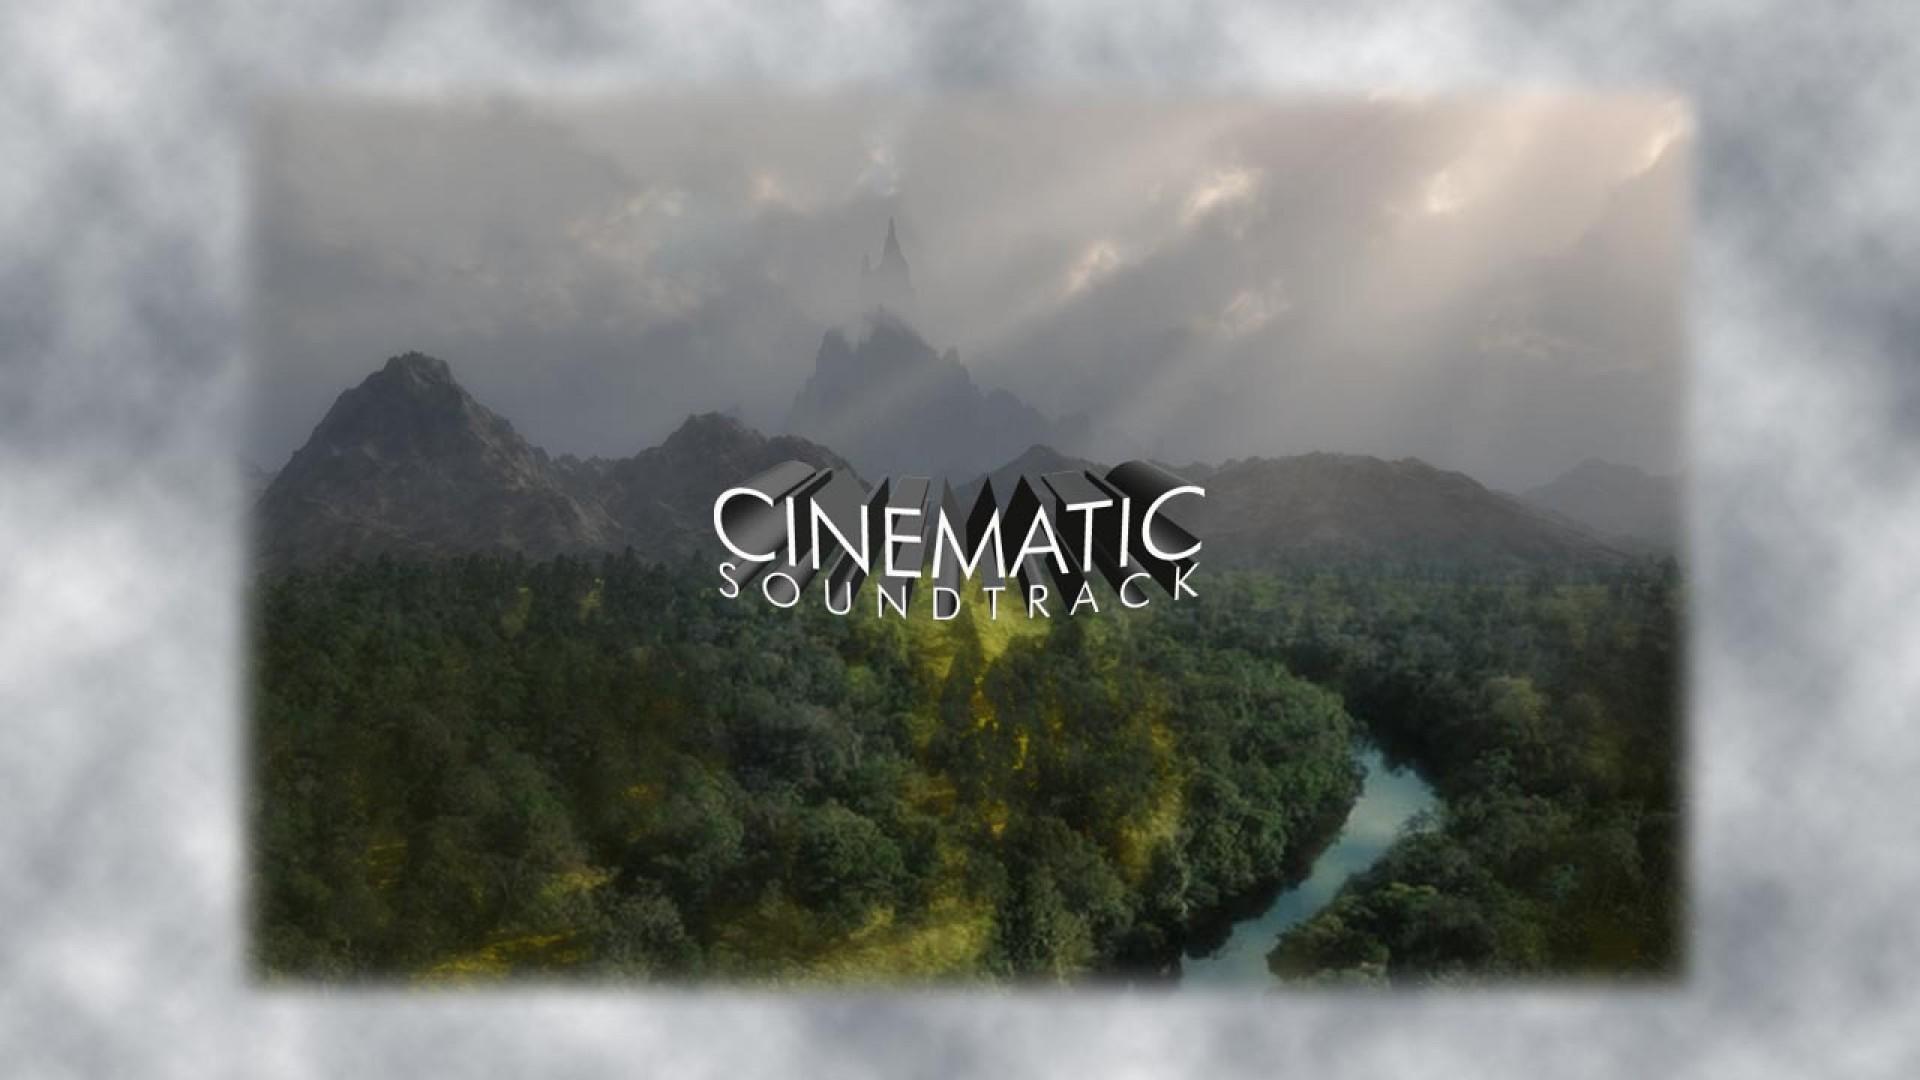 RPG Maker VX Ace - Cinematic Soundtrack Music Pack screenshot